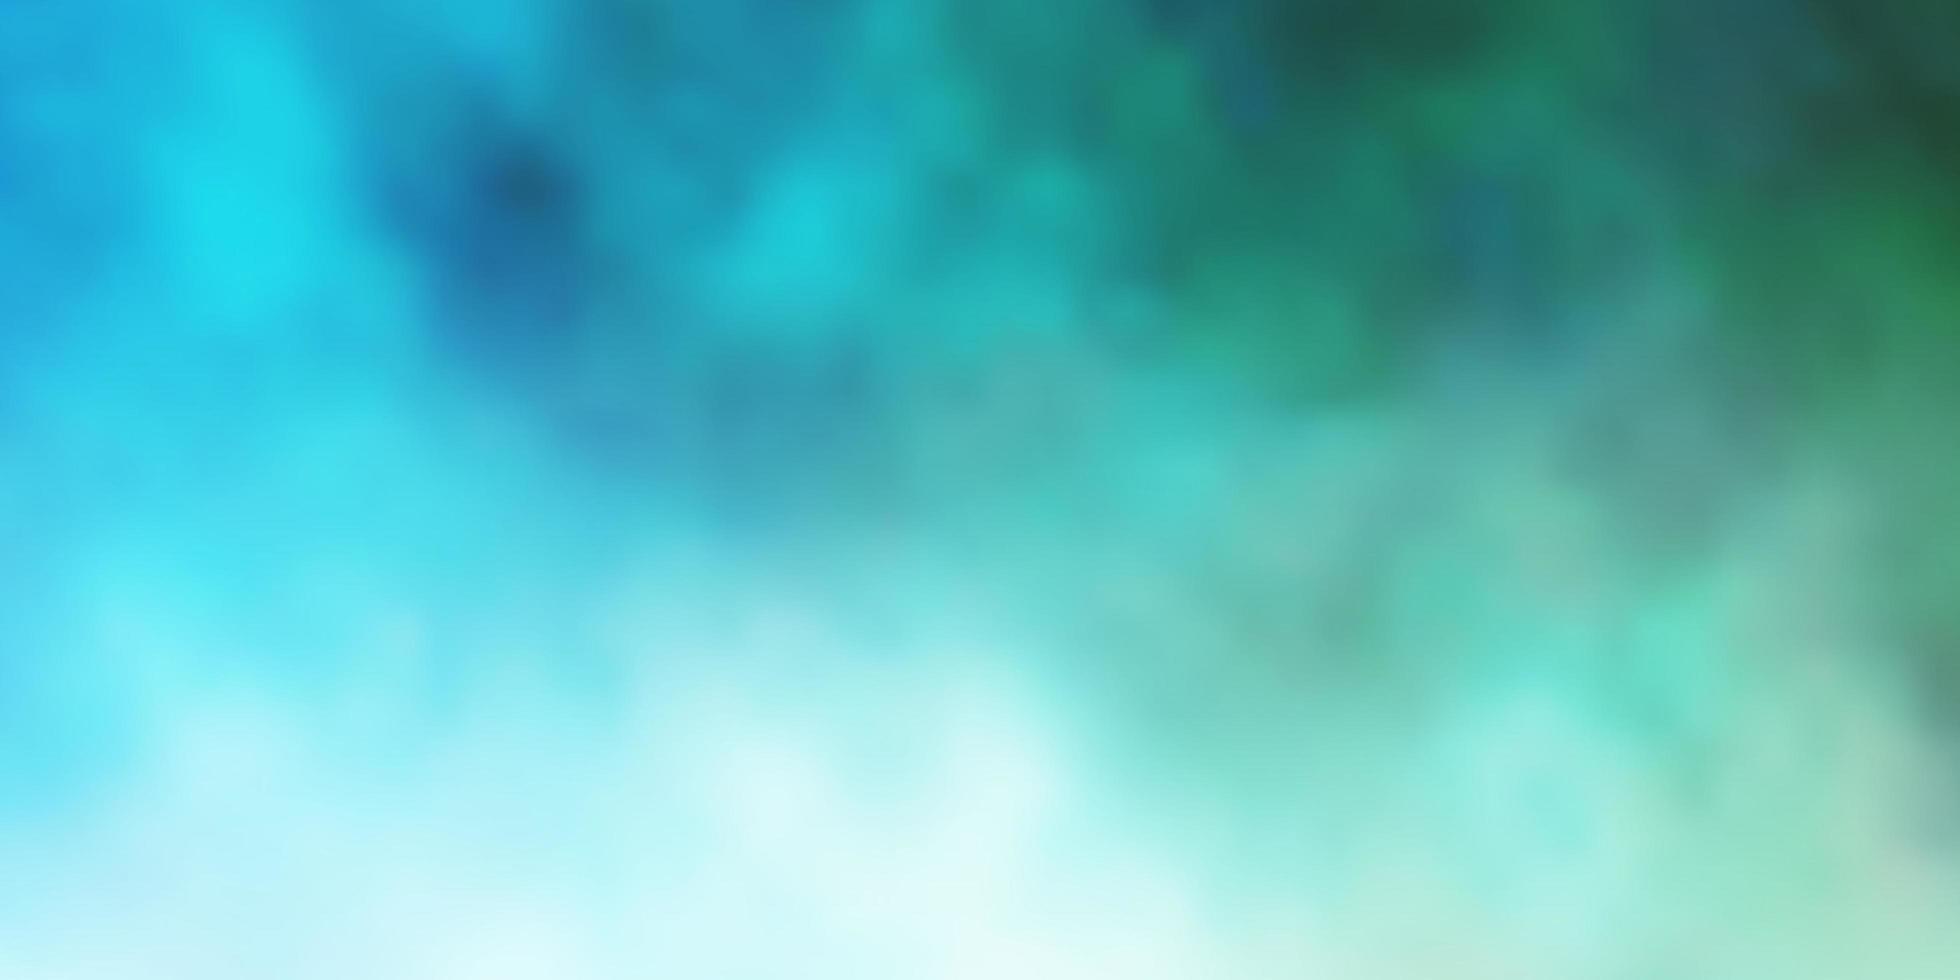 struttura di vettore blu chiaro, verde con cielo nuvoloso.